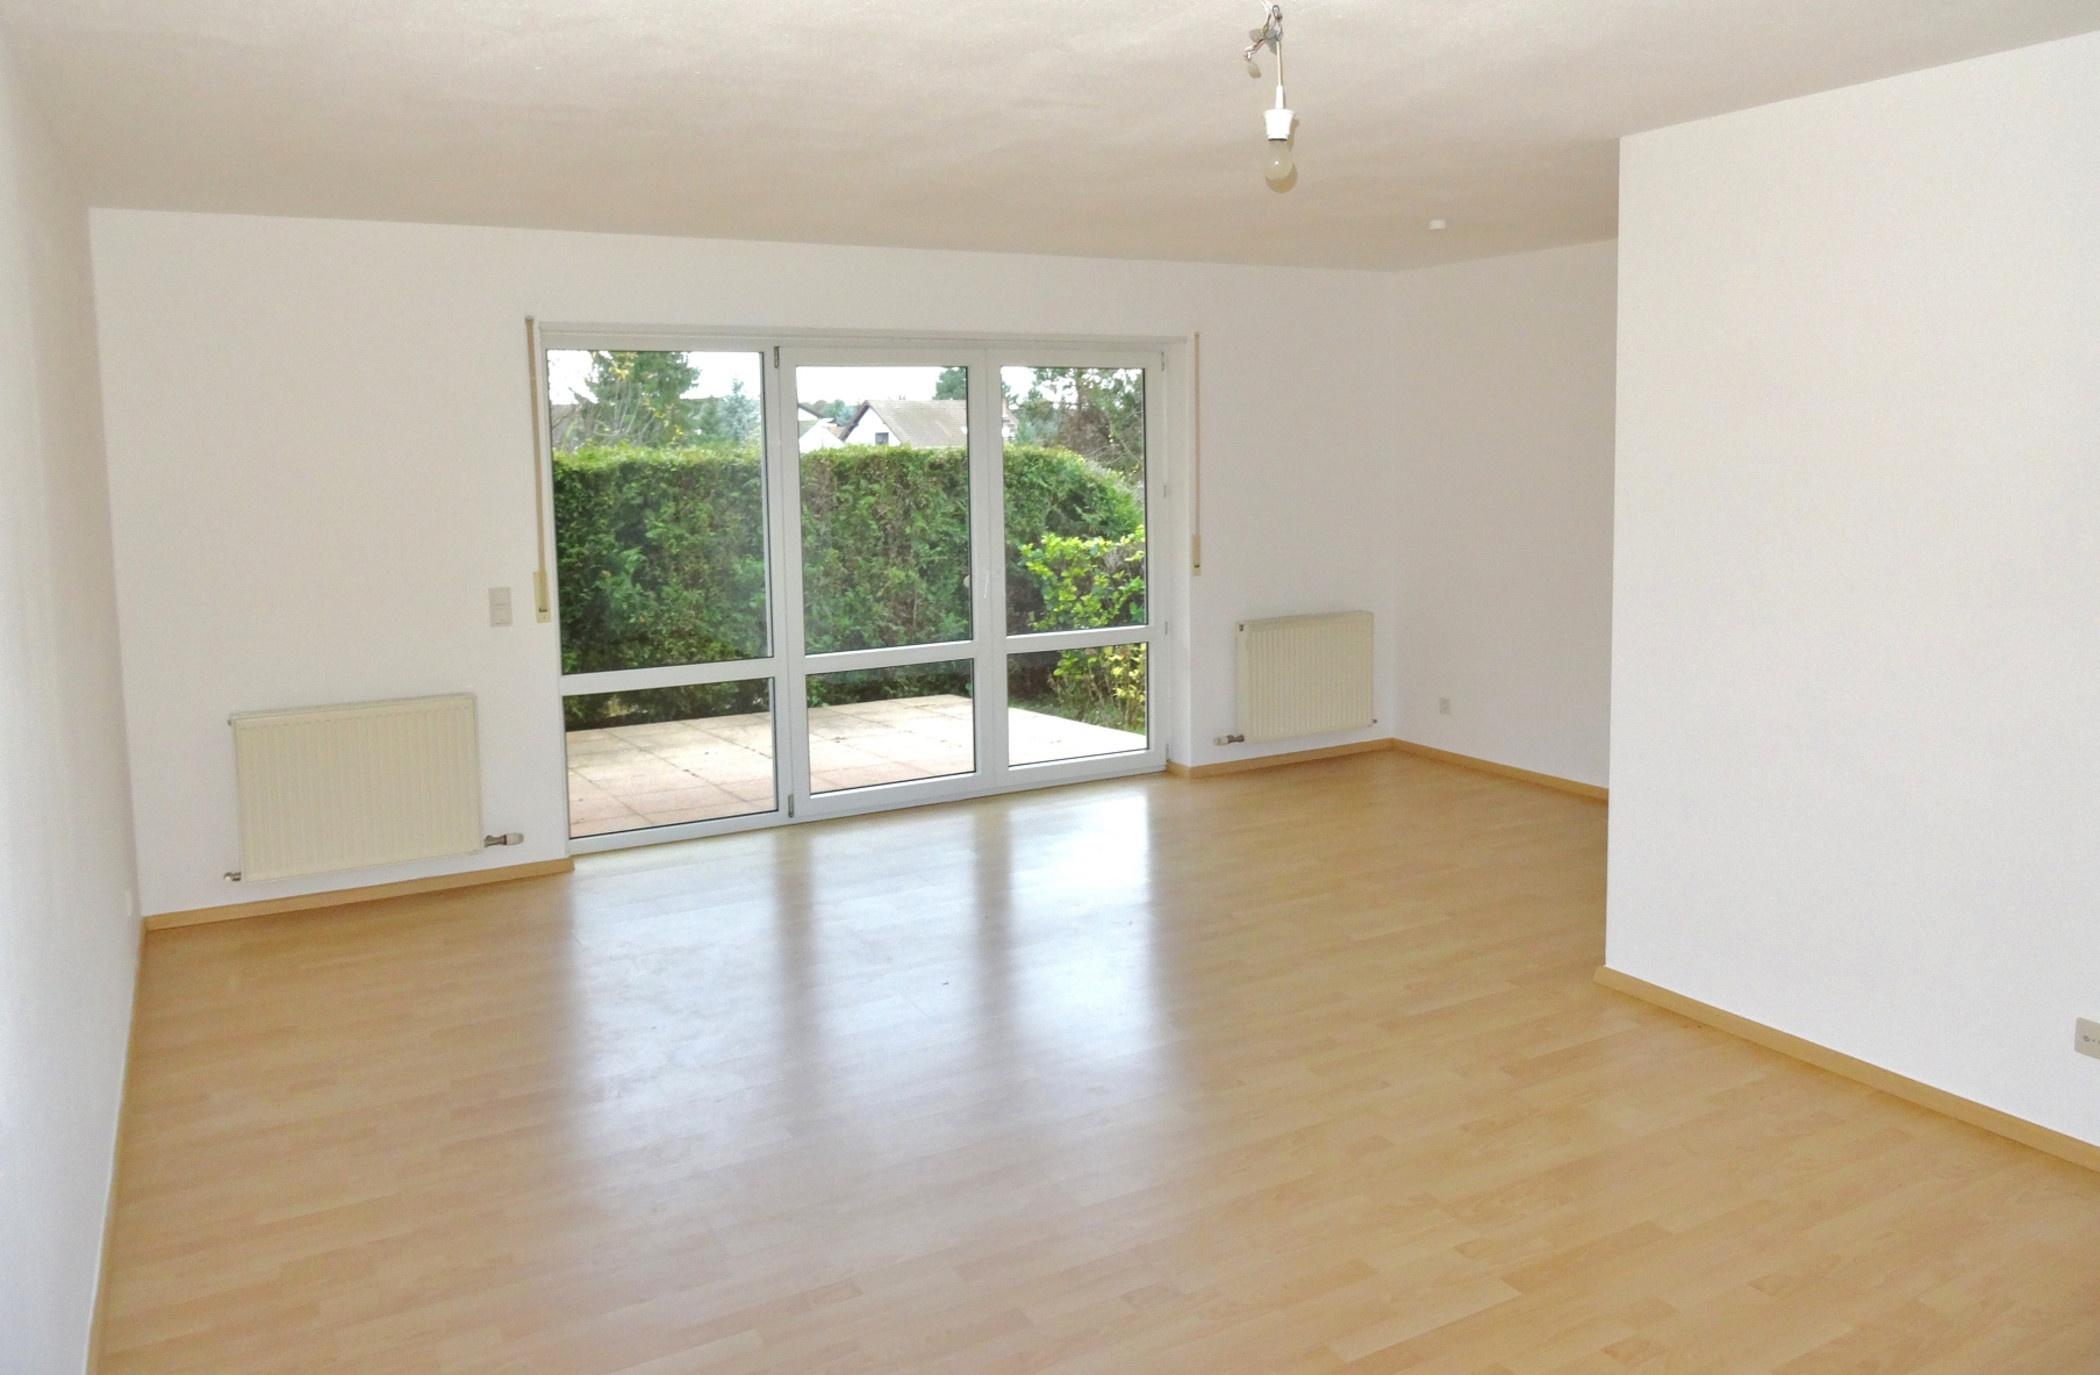 Keine Kompromisse: 82 m² Wfl. + Westterrasse + Garage  + ruhige Lage + Herrnsheim, 67550 Worms, Erdgeschosswohnung